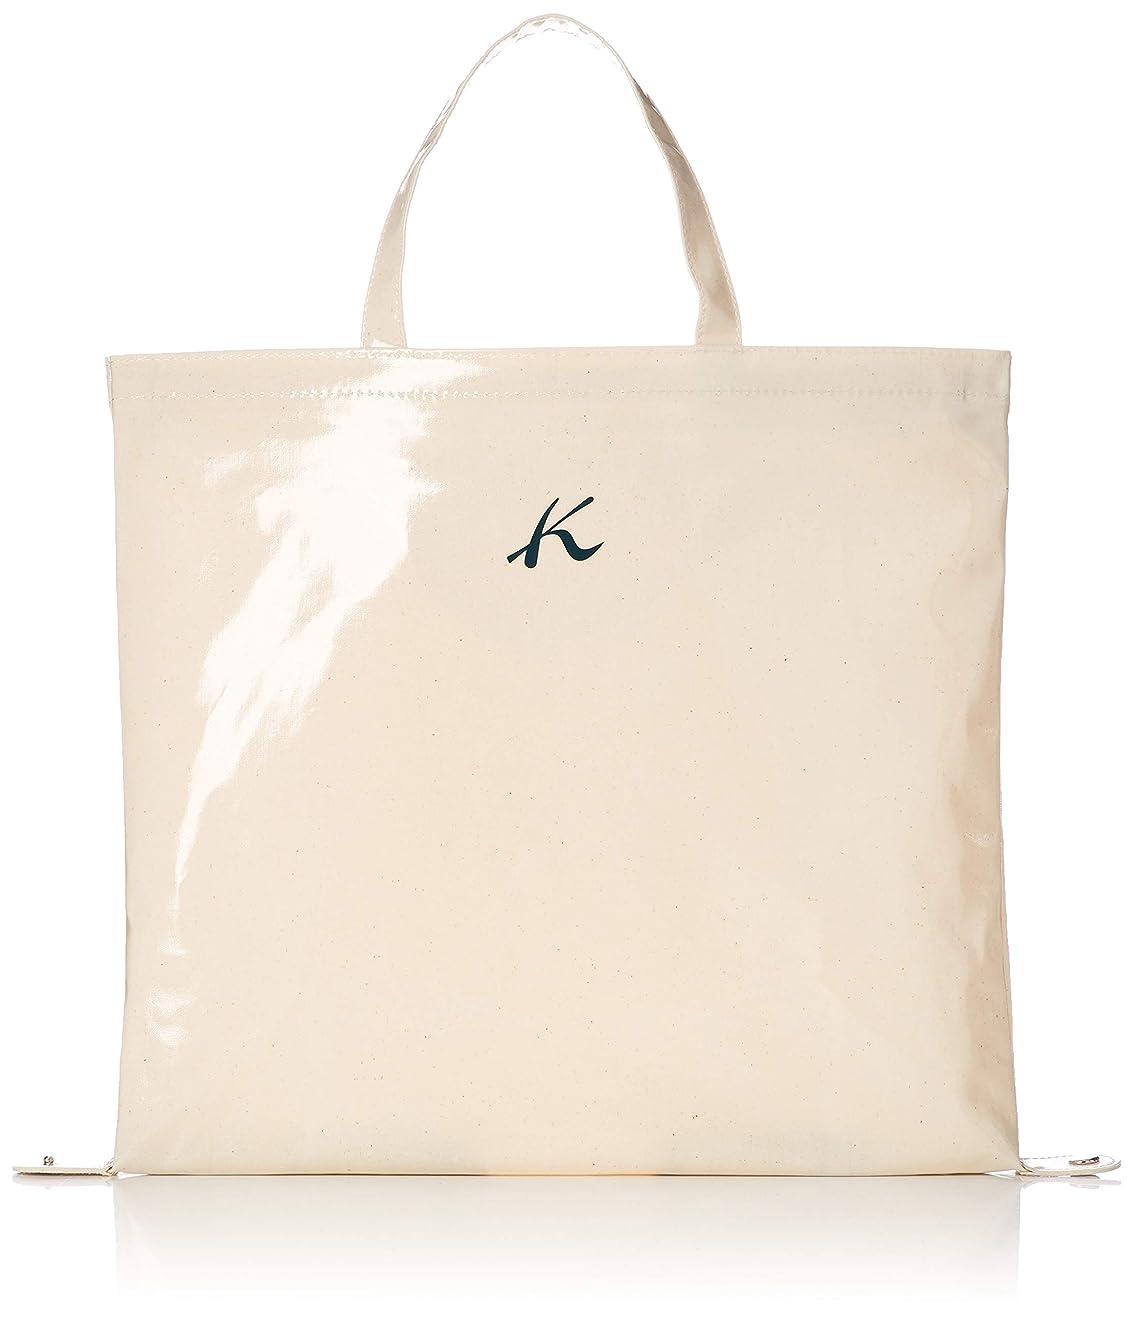 恵み団結する頑丈[キタムラ] ショッピングバッグ DH0129